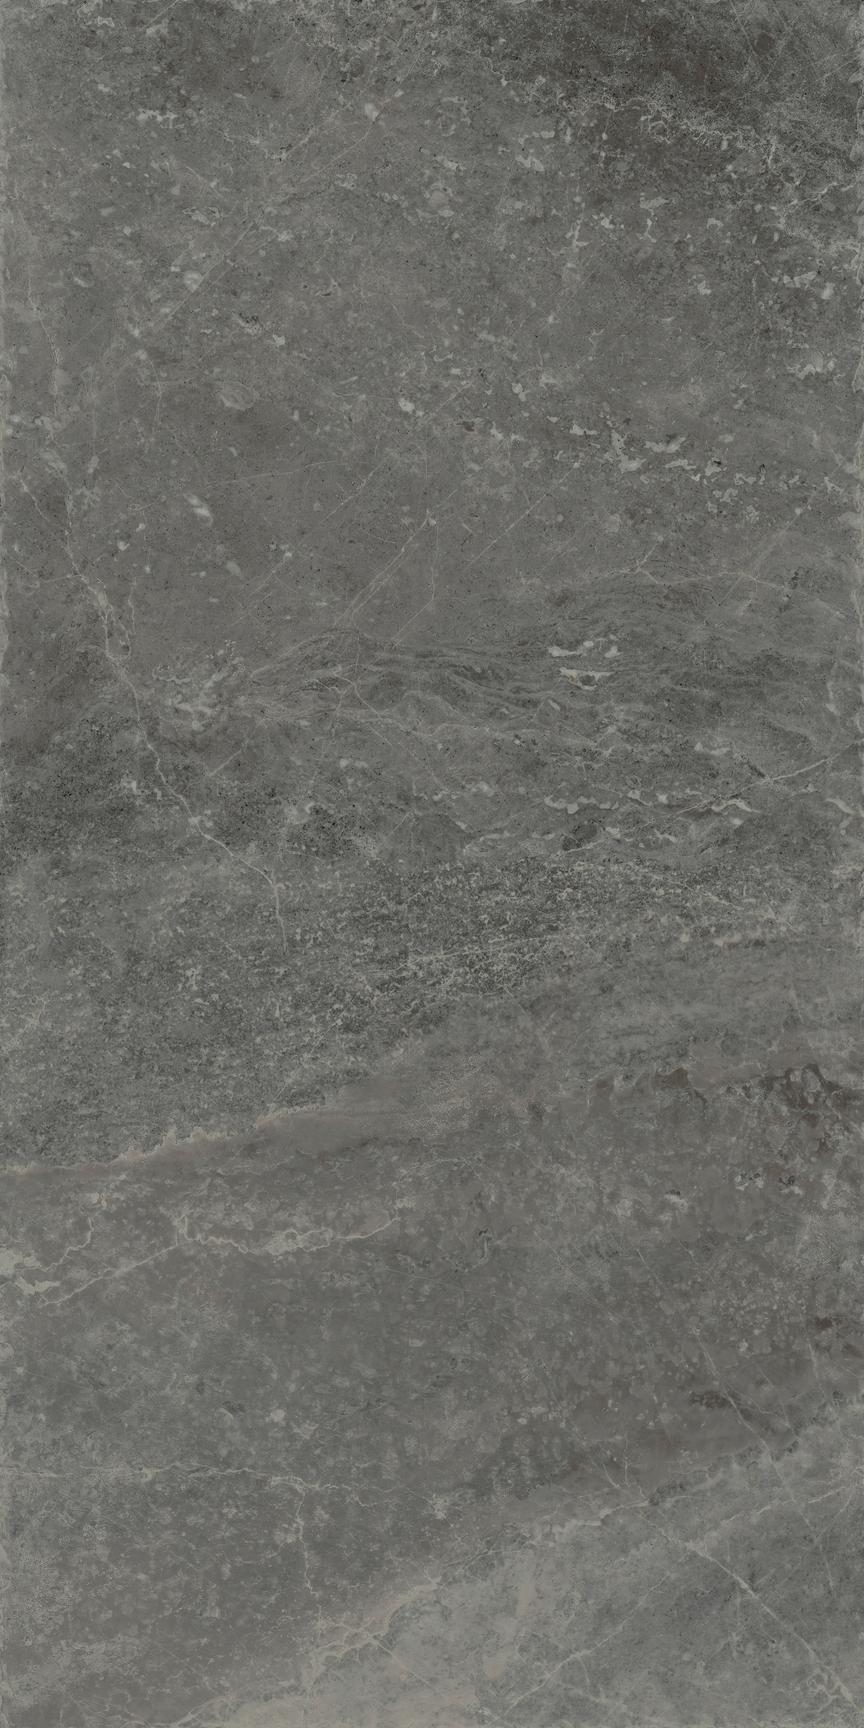 Salon Floor/Wall Tile 24x48